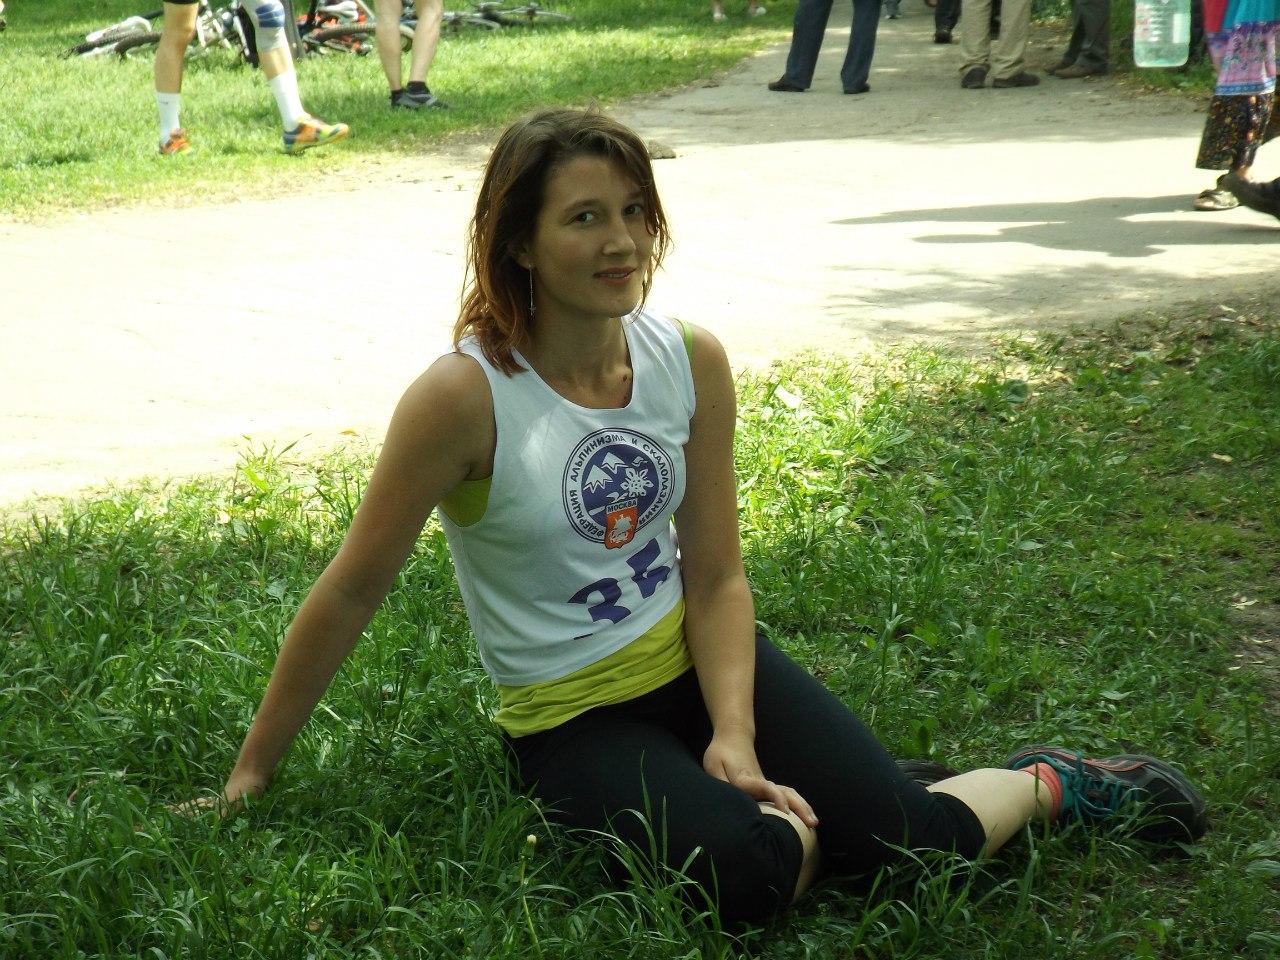 Кросс Памяти восьми 2014. Фото Алины Мирошниченко